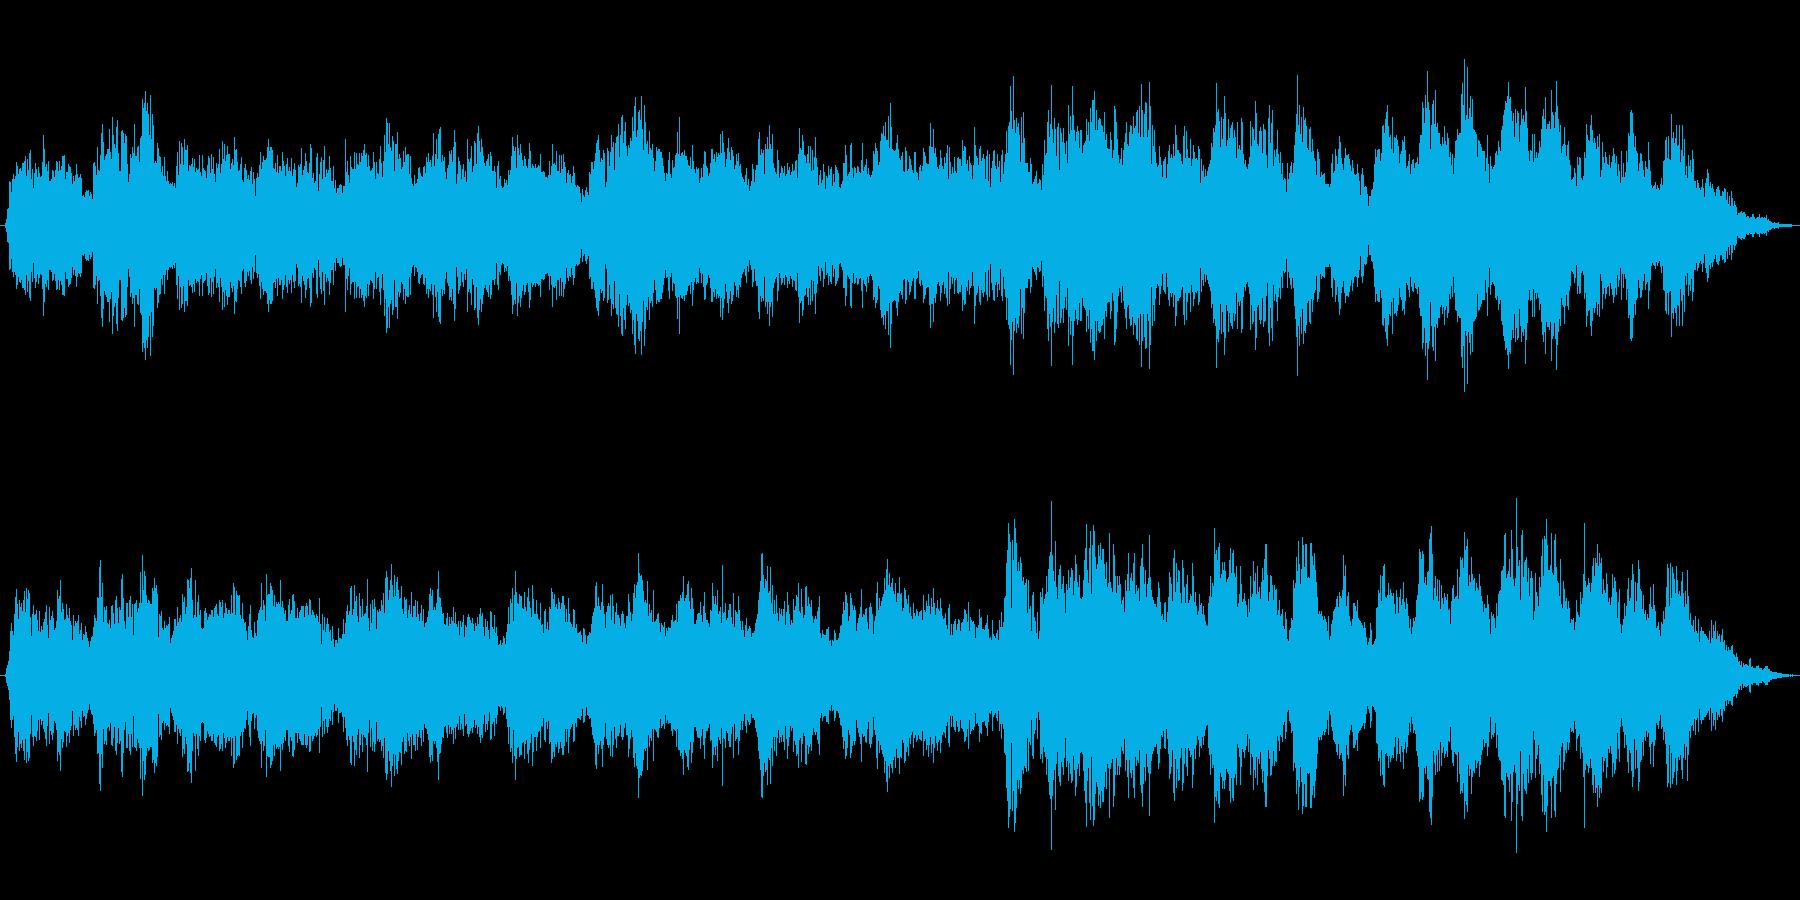 深い癒しへ導くリラクゼーション音楽の再生済みの波形